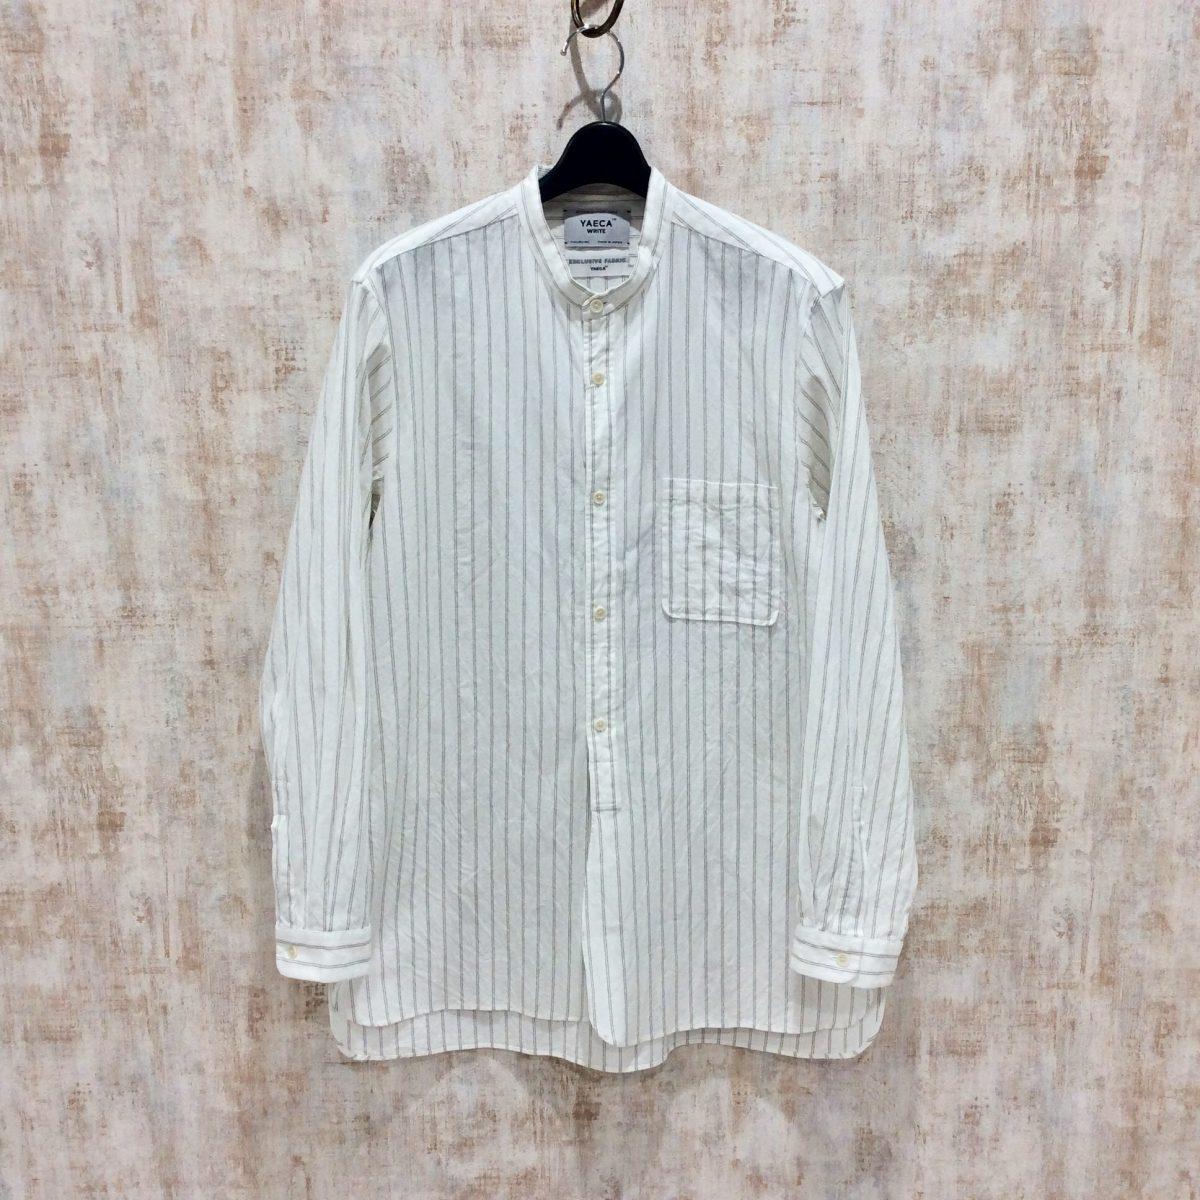 YAECA ヤエカ バンドカラーシャツ